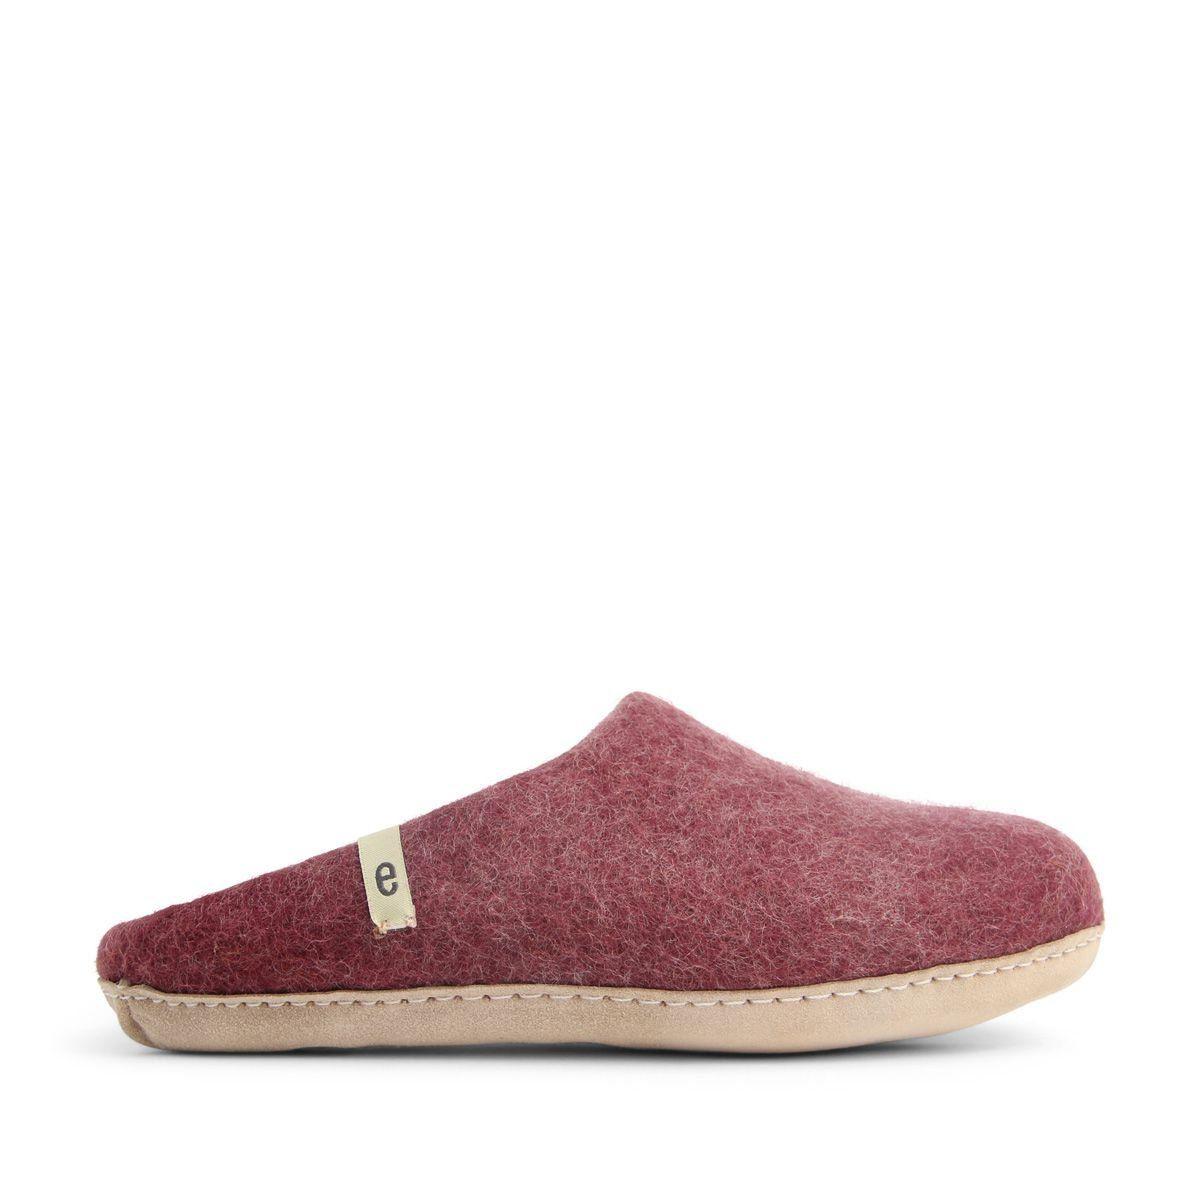 Egos Slip-on Indoor Shoe Simple in Bordeaux